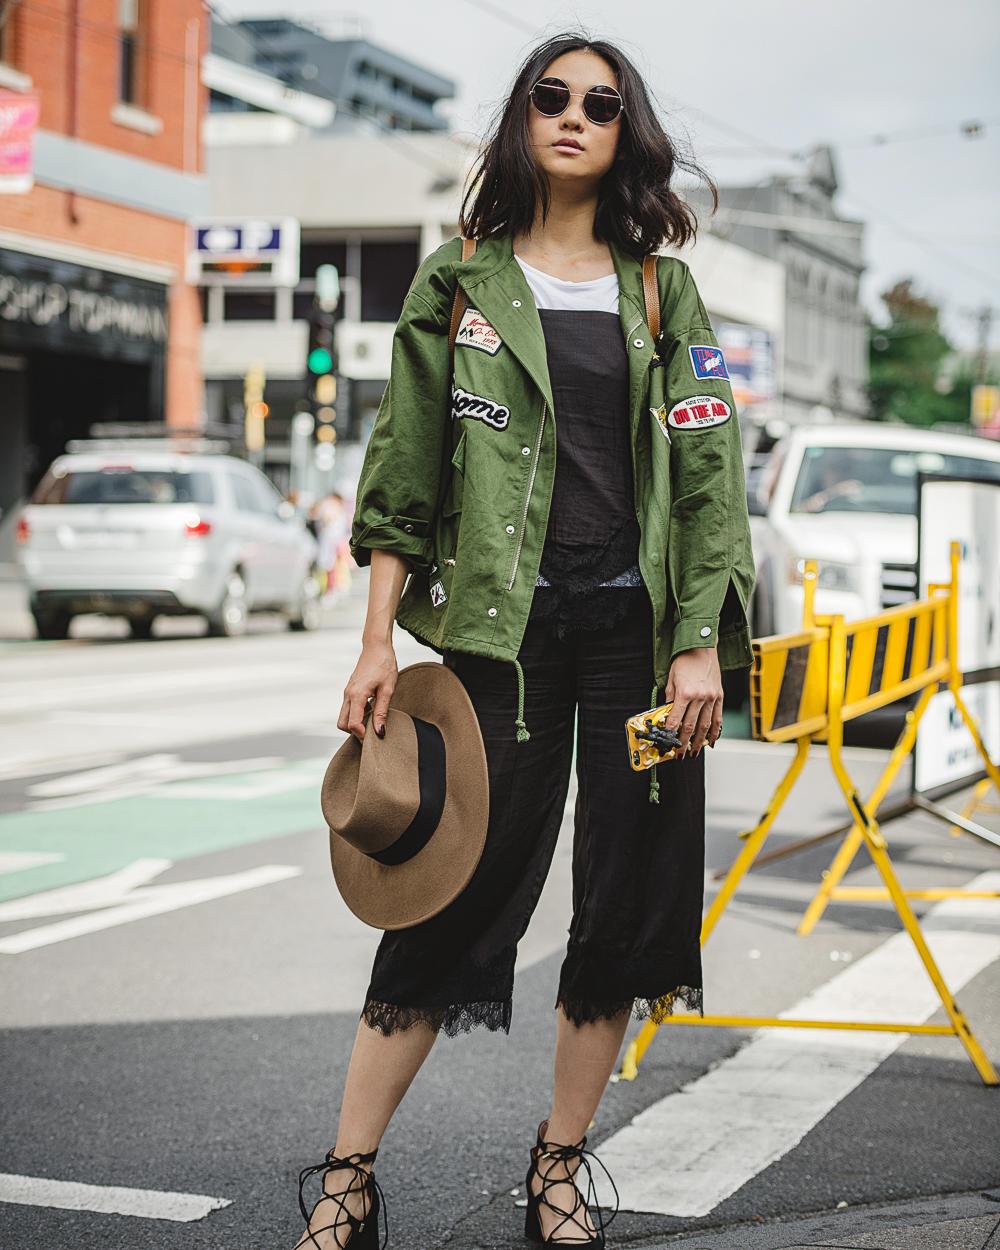 vamff-street-style-karenwoo--11